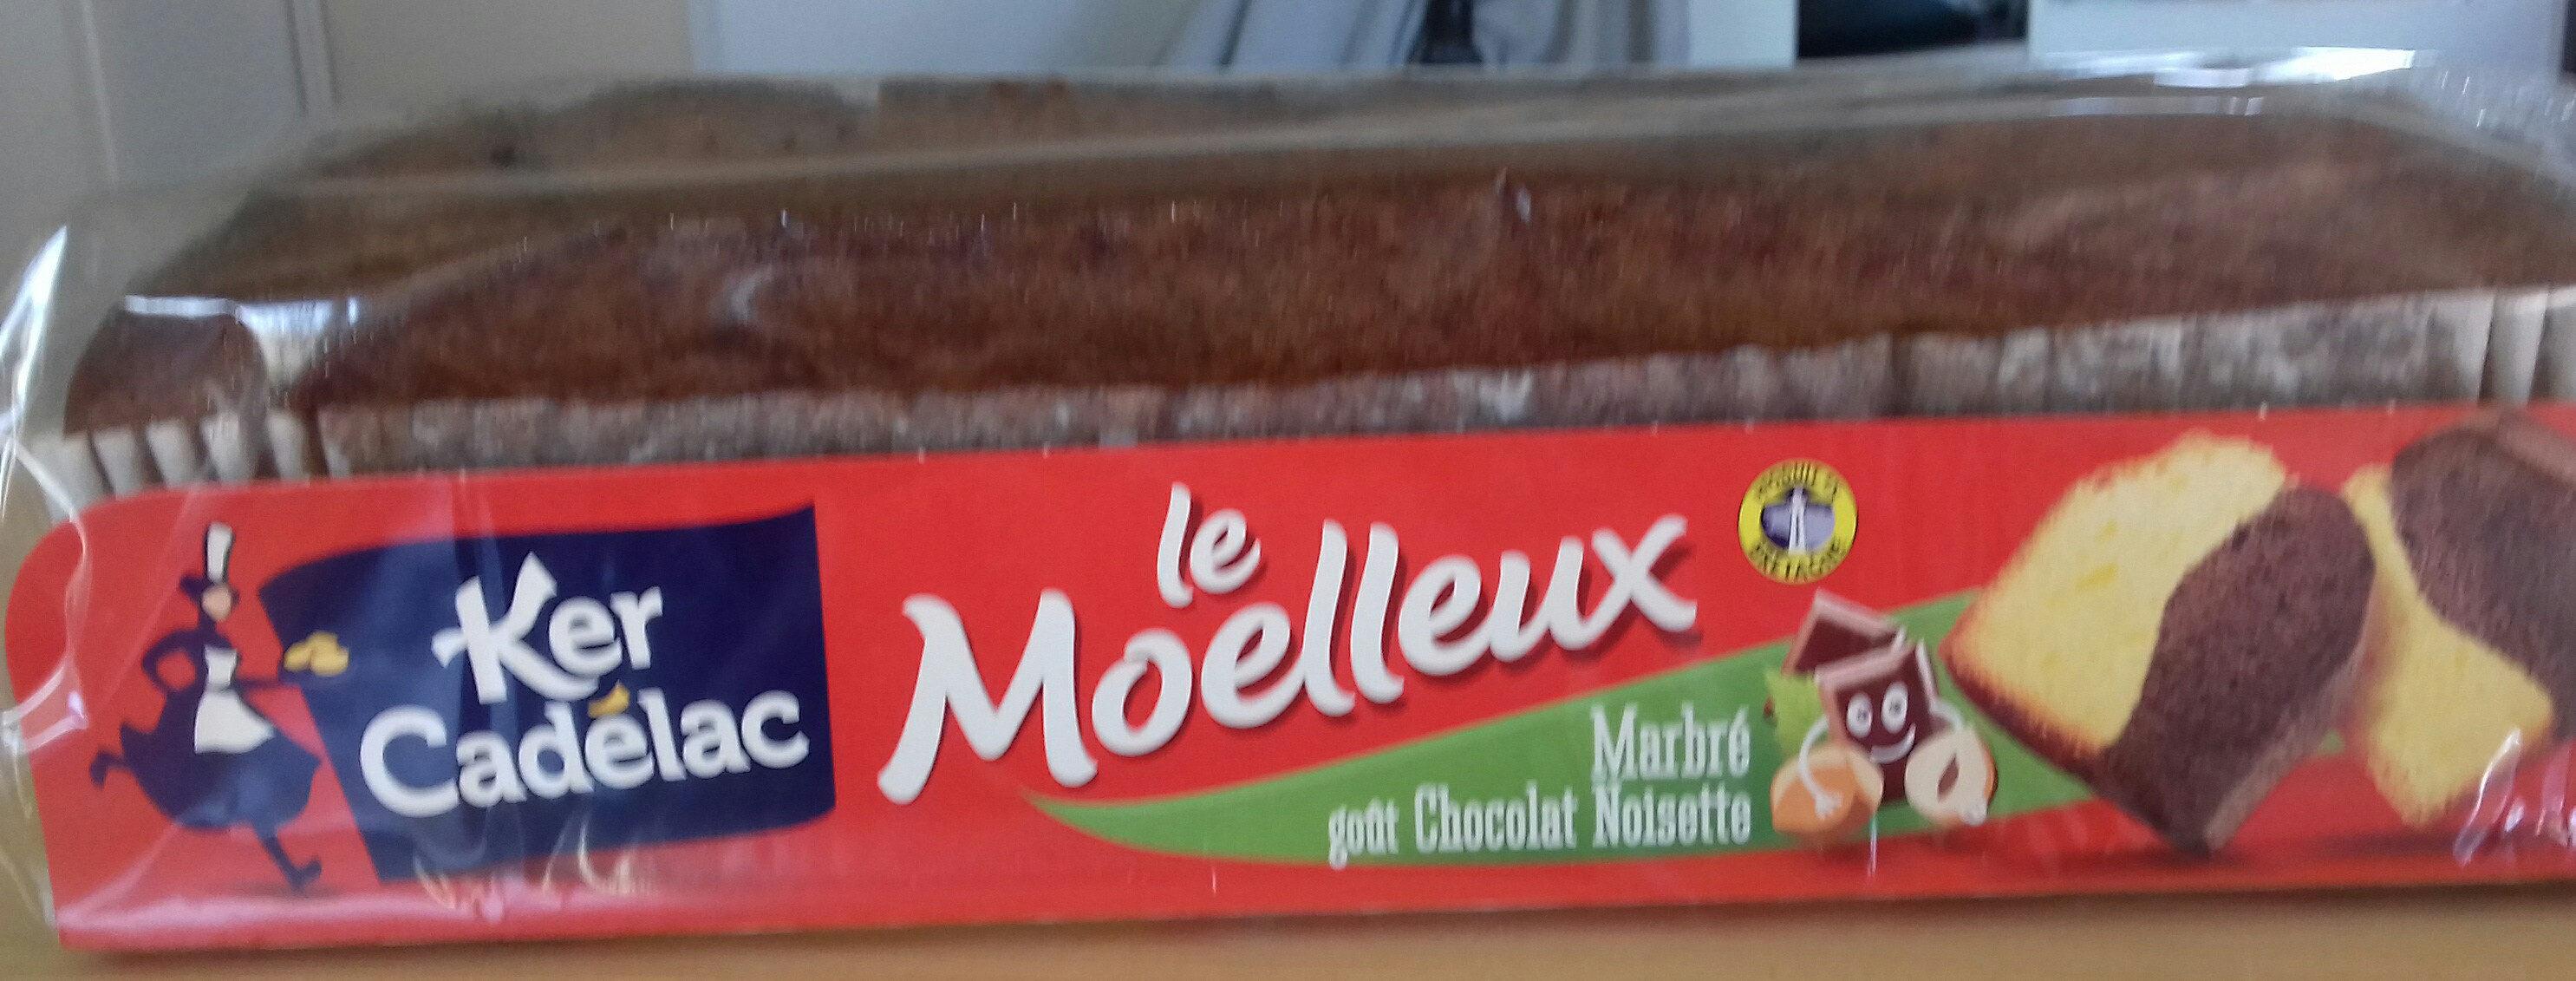 Le Moelleux Marbré Goût Choco-Noisette - Produit - fr